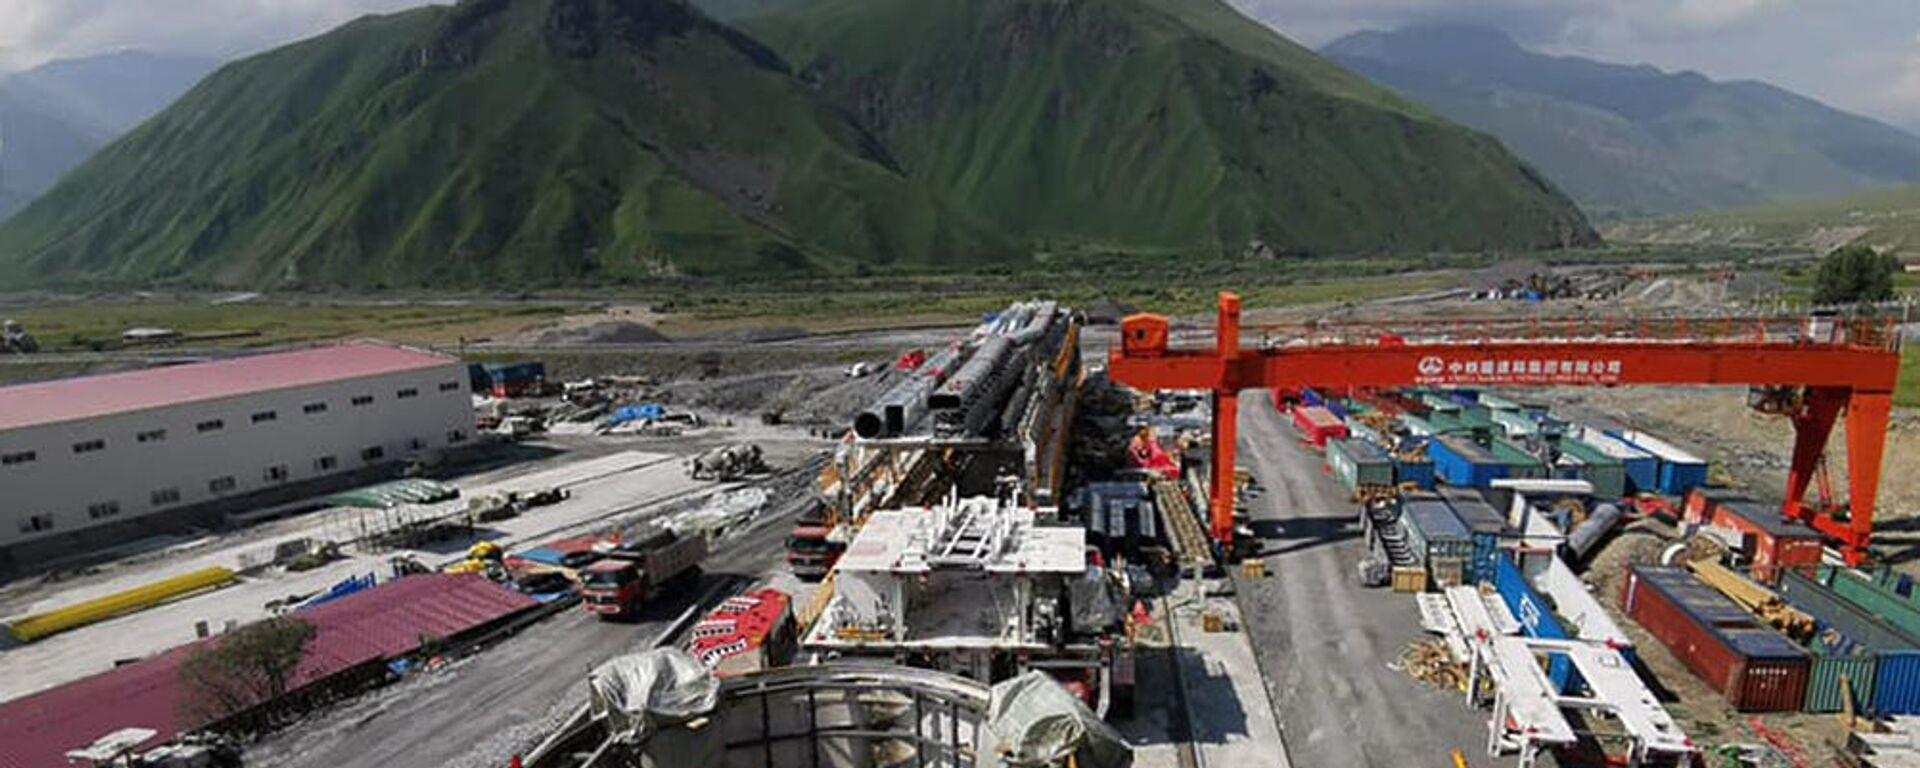 Строительство тоннеля на участке Цкере-Коби автомобильной дороги Мцхета-Степанцминда-Ларс (22 июля 2021). Грузия - Sputnik Արմենիա, 1920, 27.08.2021